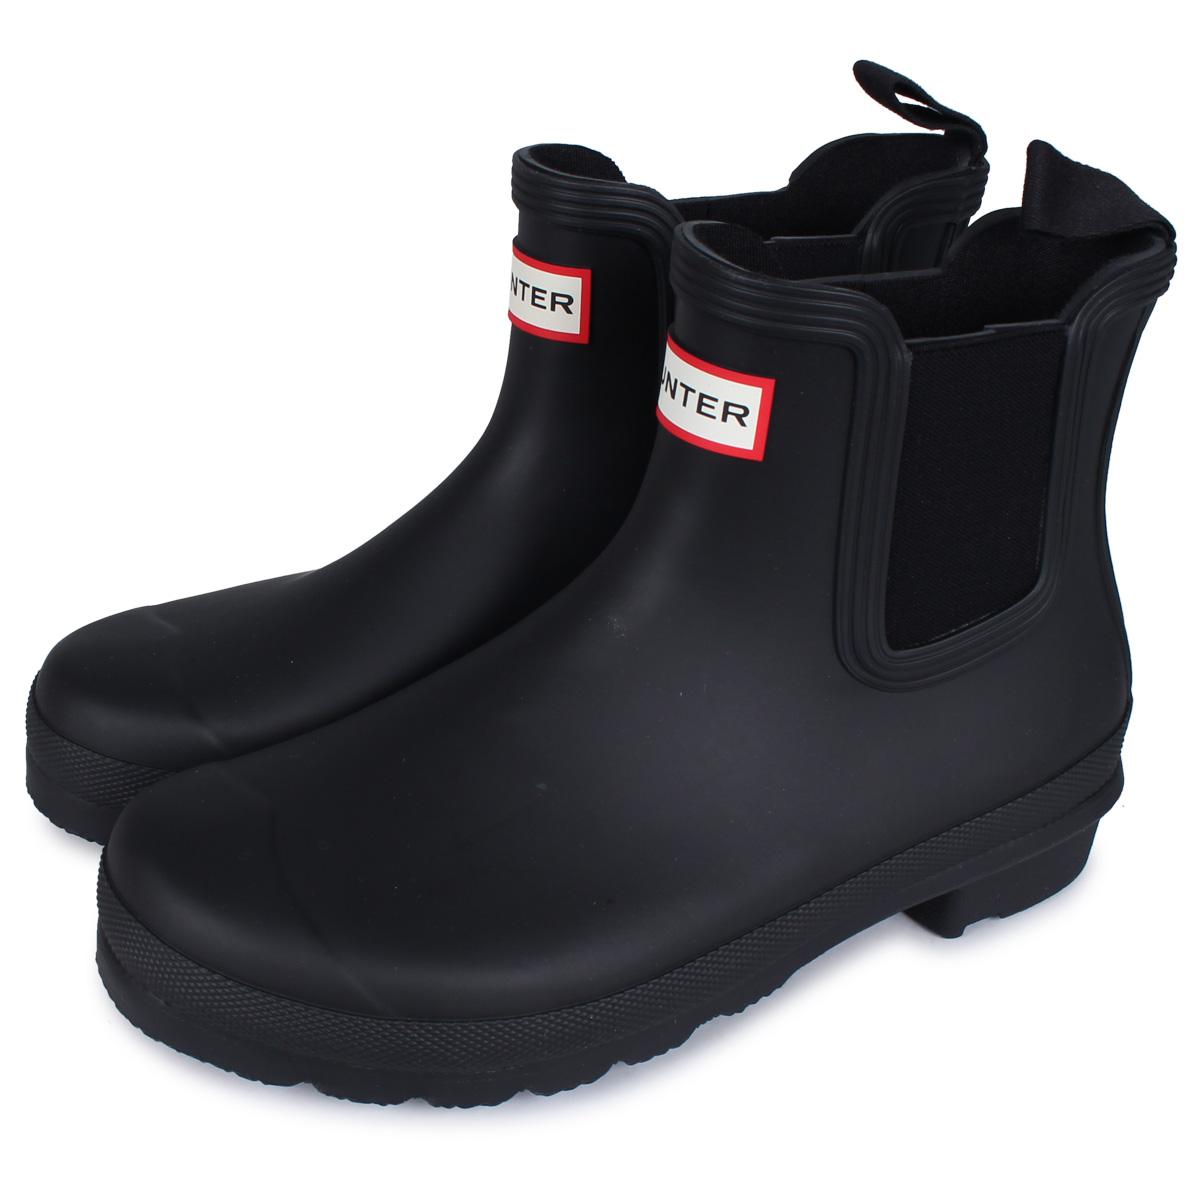 HUNTER WOMENS ORIGINAL CHELSEA ハンター レインブーツ 長靴 ショート ブーツ チェルシーブーツ オリジナル レディース ブラック ネイビー 黒 WFS2078RMA [4/20 新入荷]